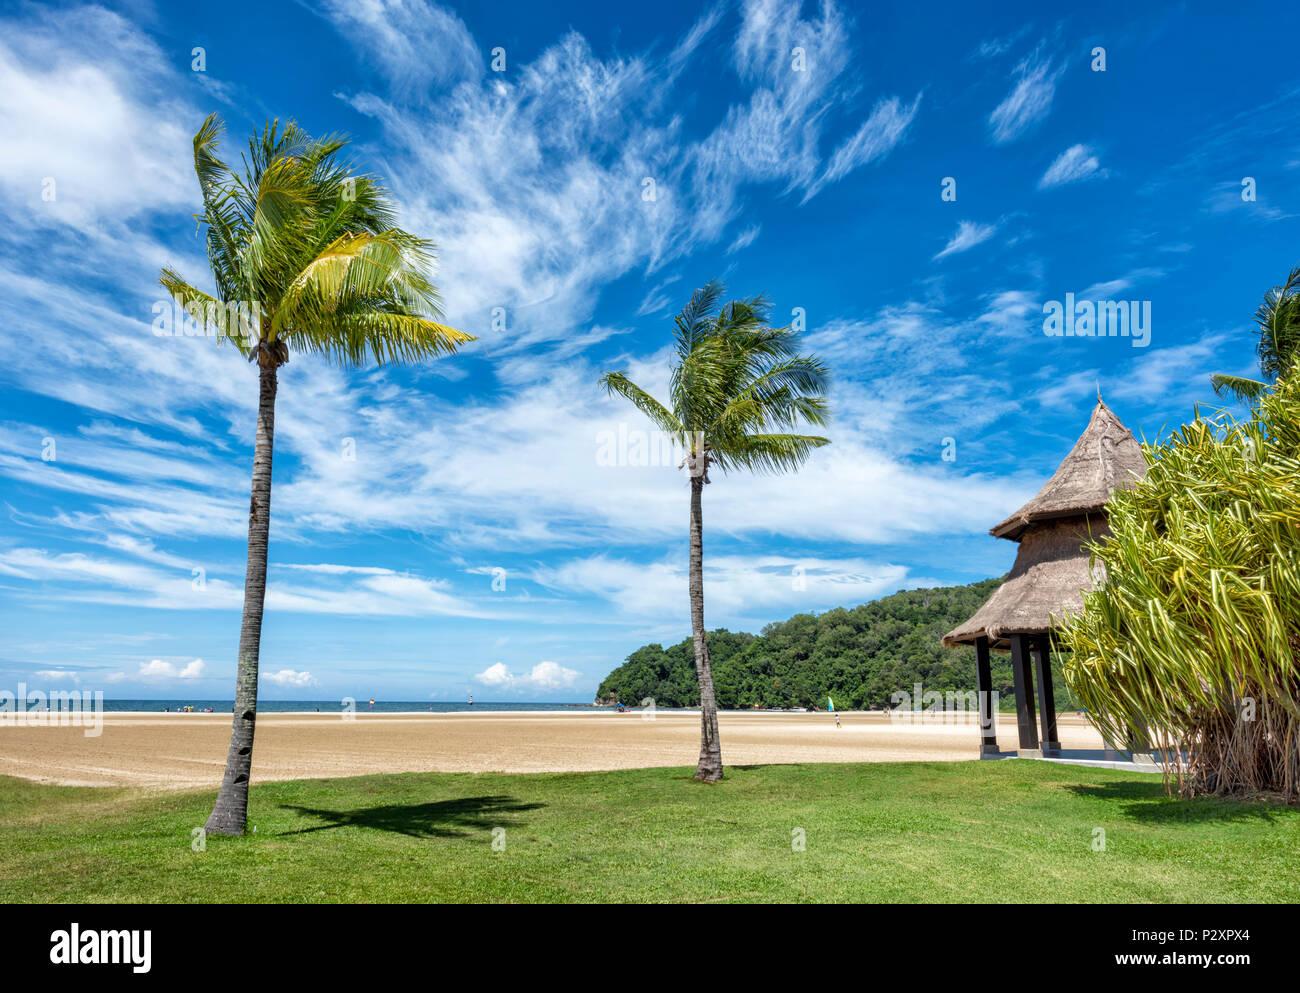 Due palme su una spiaggia di sabbia bianca a Kota Kinabalu, Borneo Malesia sul bordo del Mare della Cina del Sud Immagini Stock